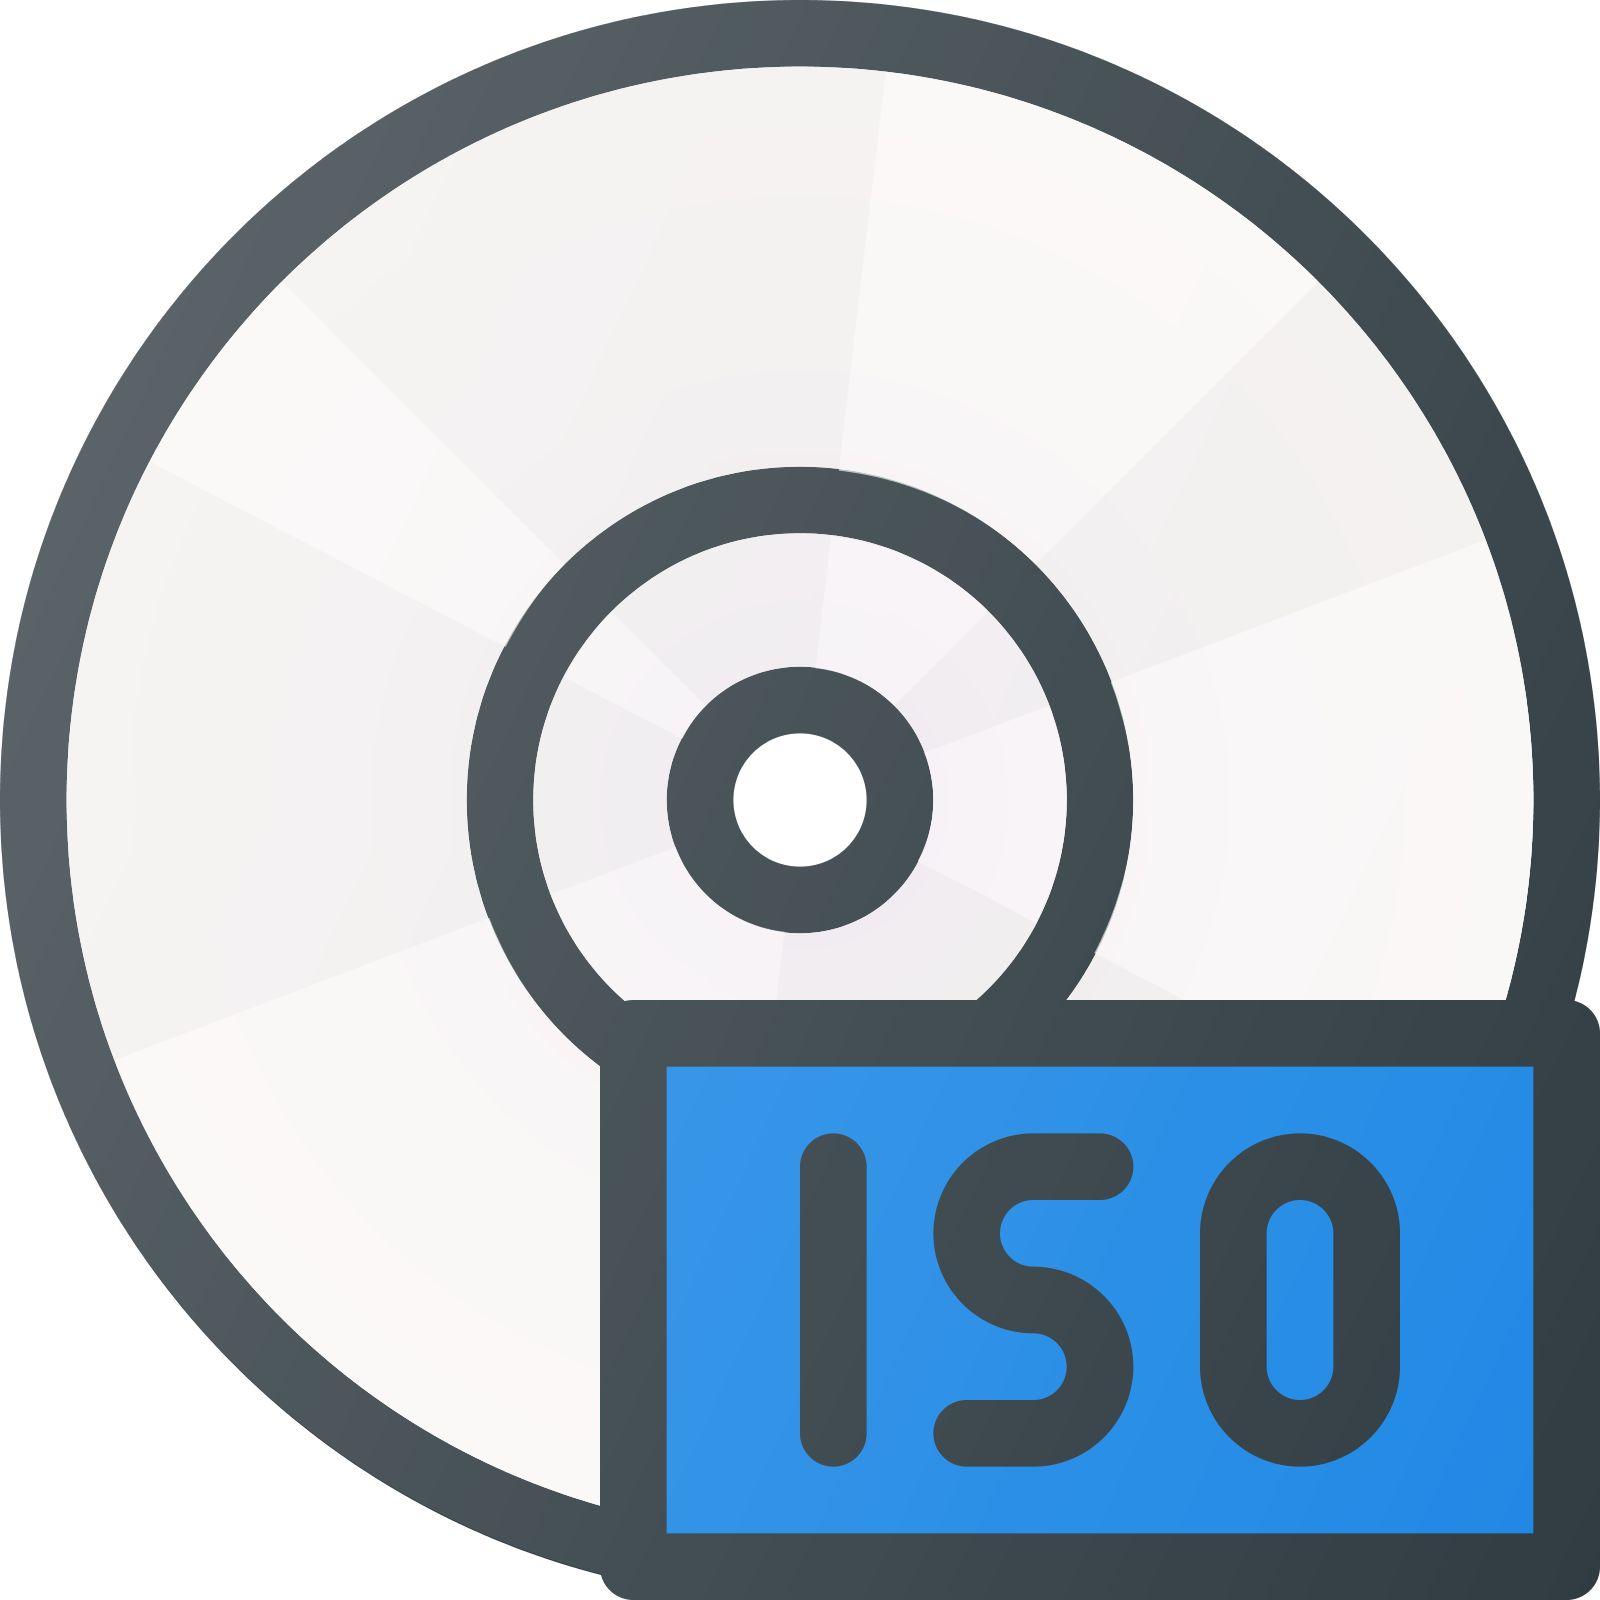 Образ диска ISO